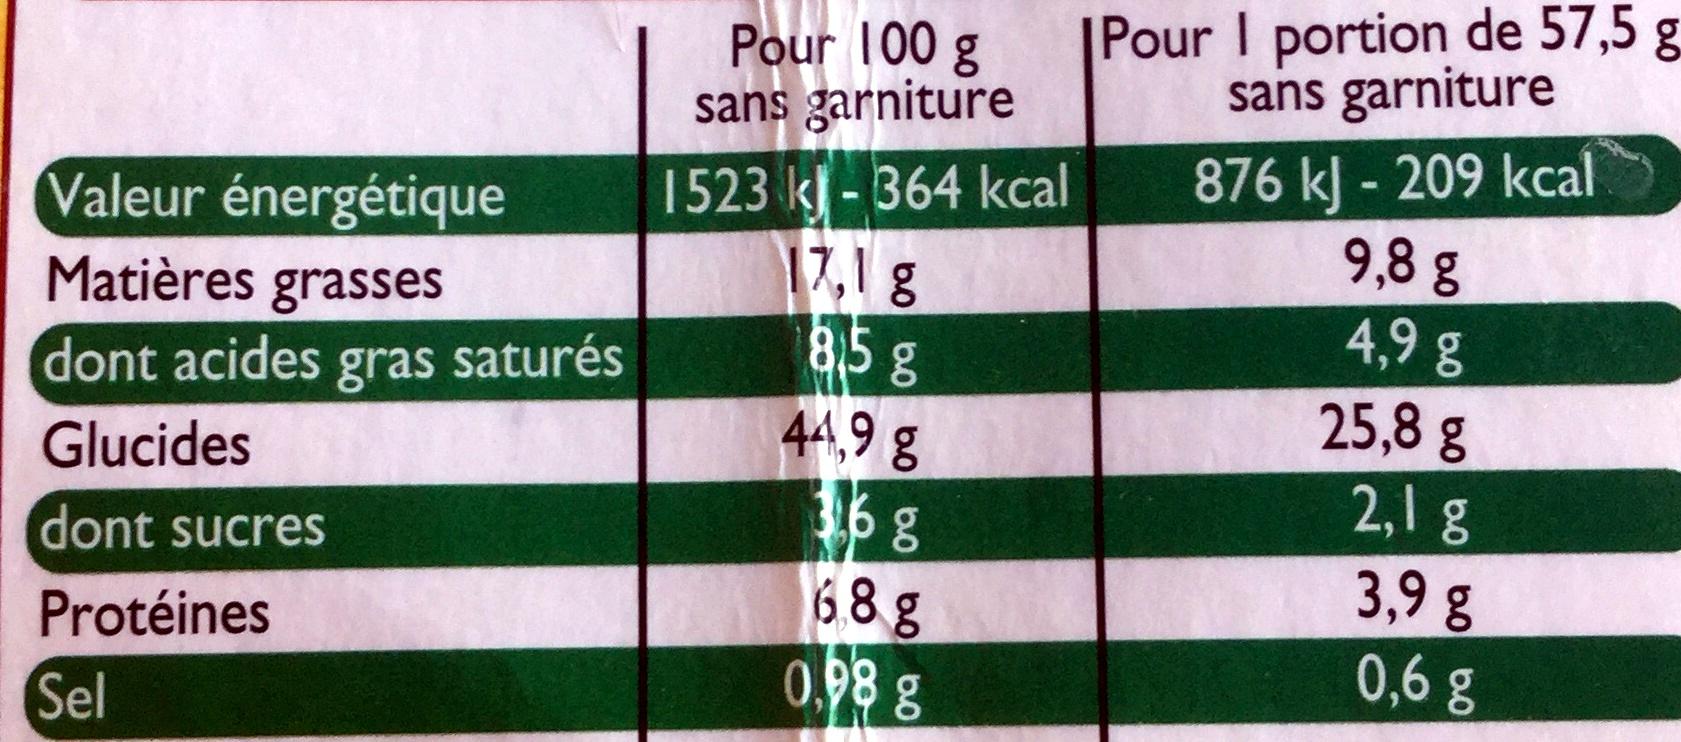 Pâte à Pizza - Nutrition facts - fr